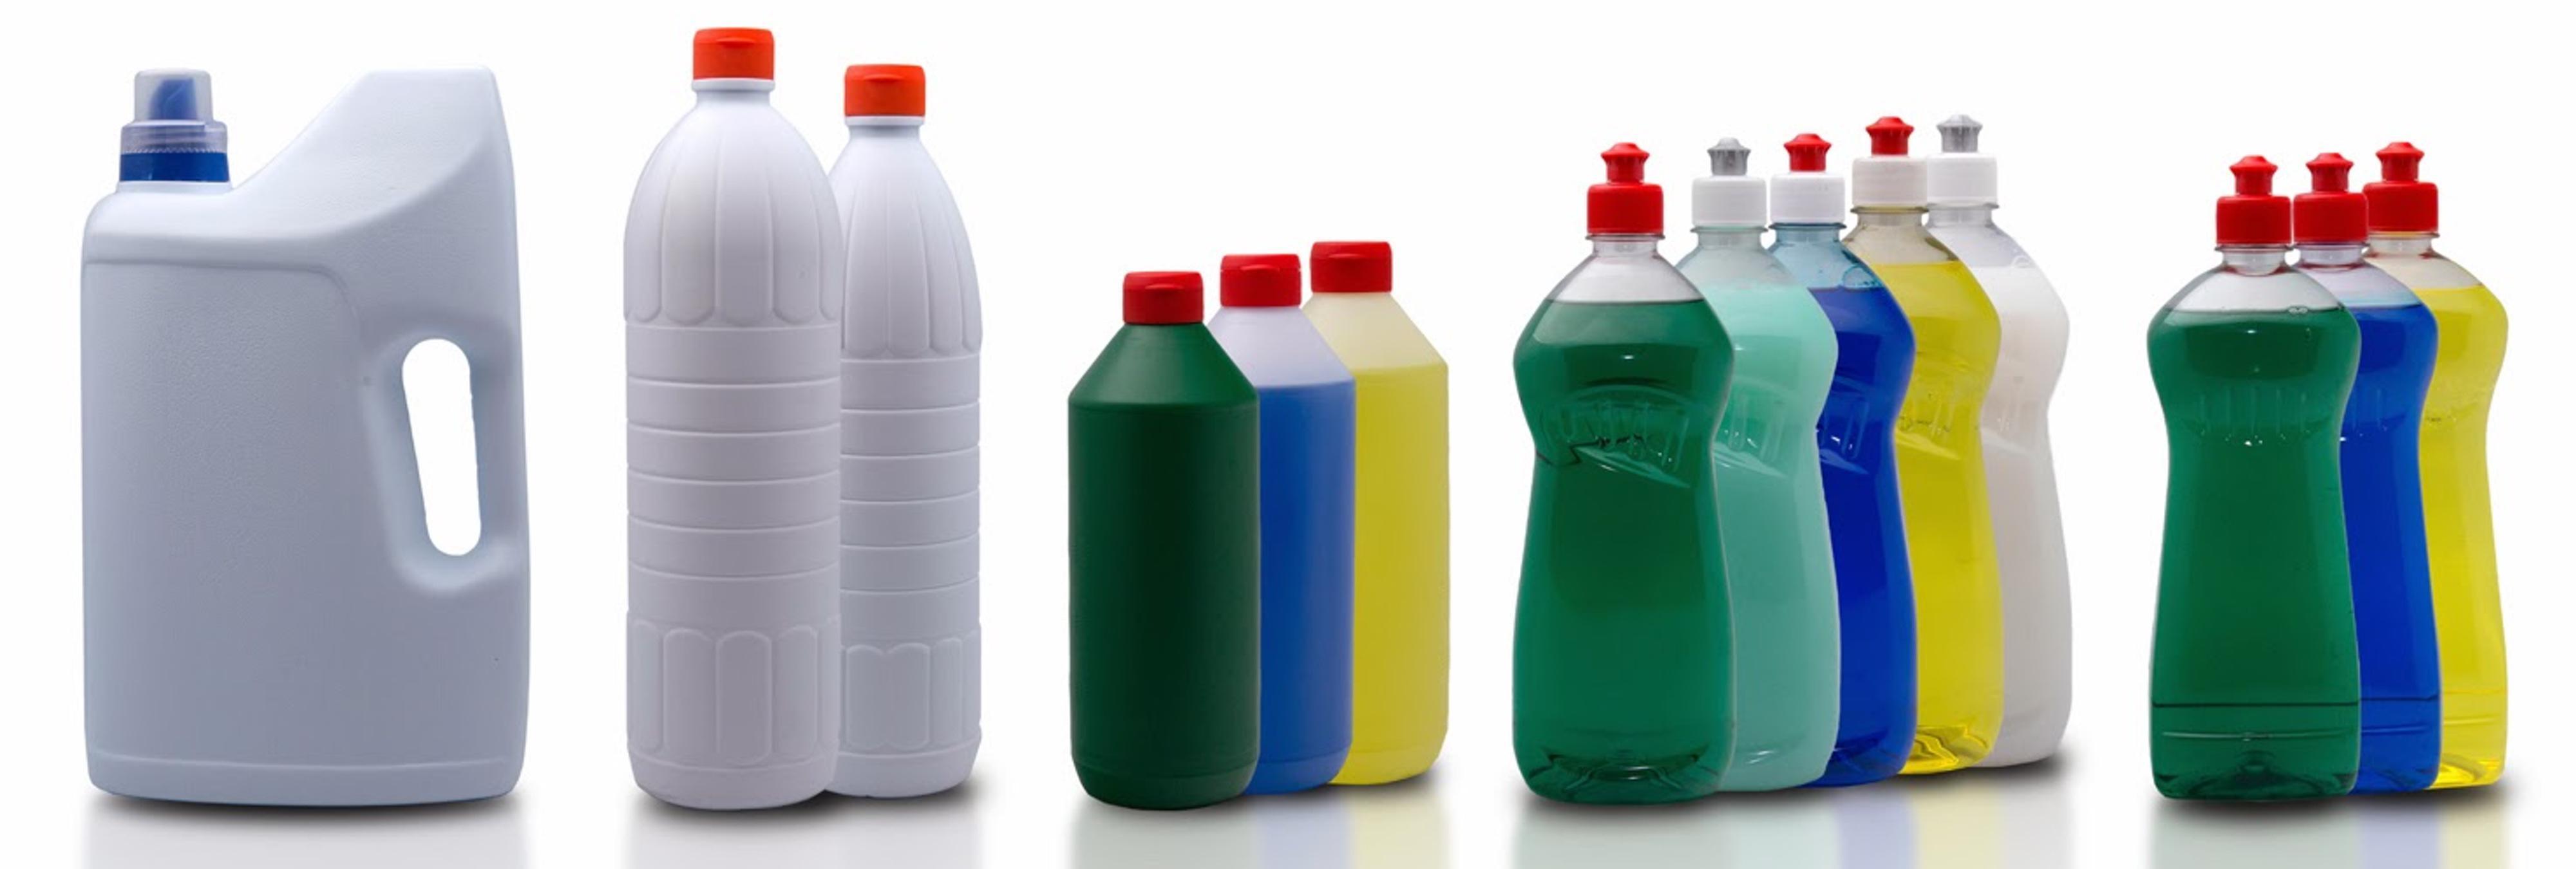 Comer detergente: el peligroso reto viral que triunfa en las redes